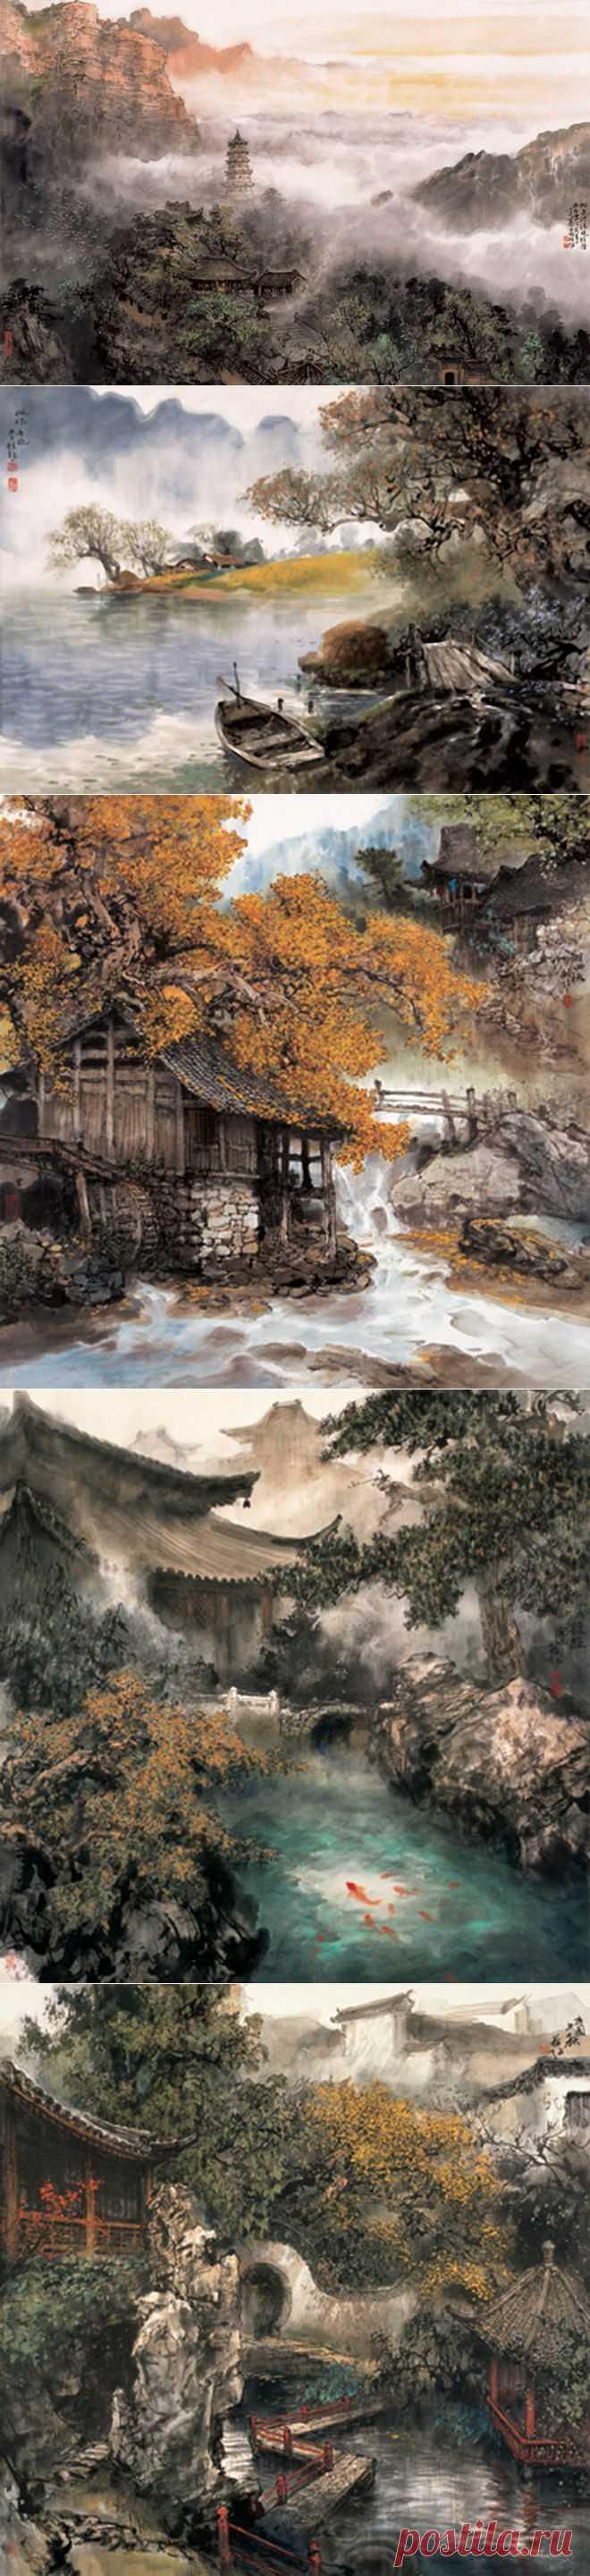 Немного - Китайская живопись - художник Zhao Wu Chao